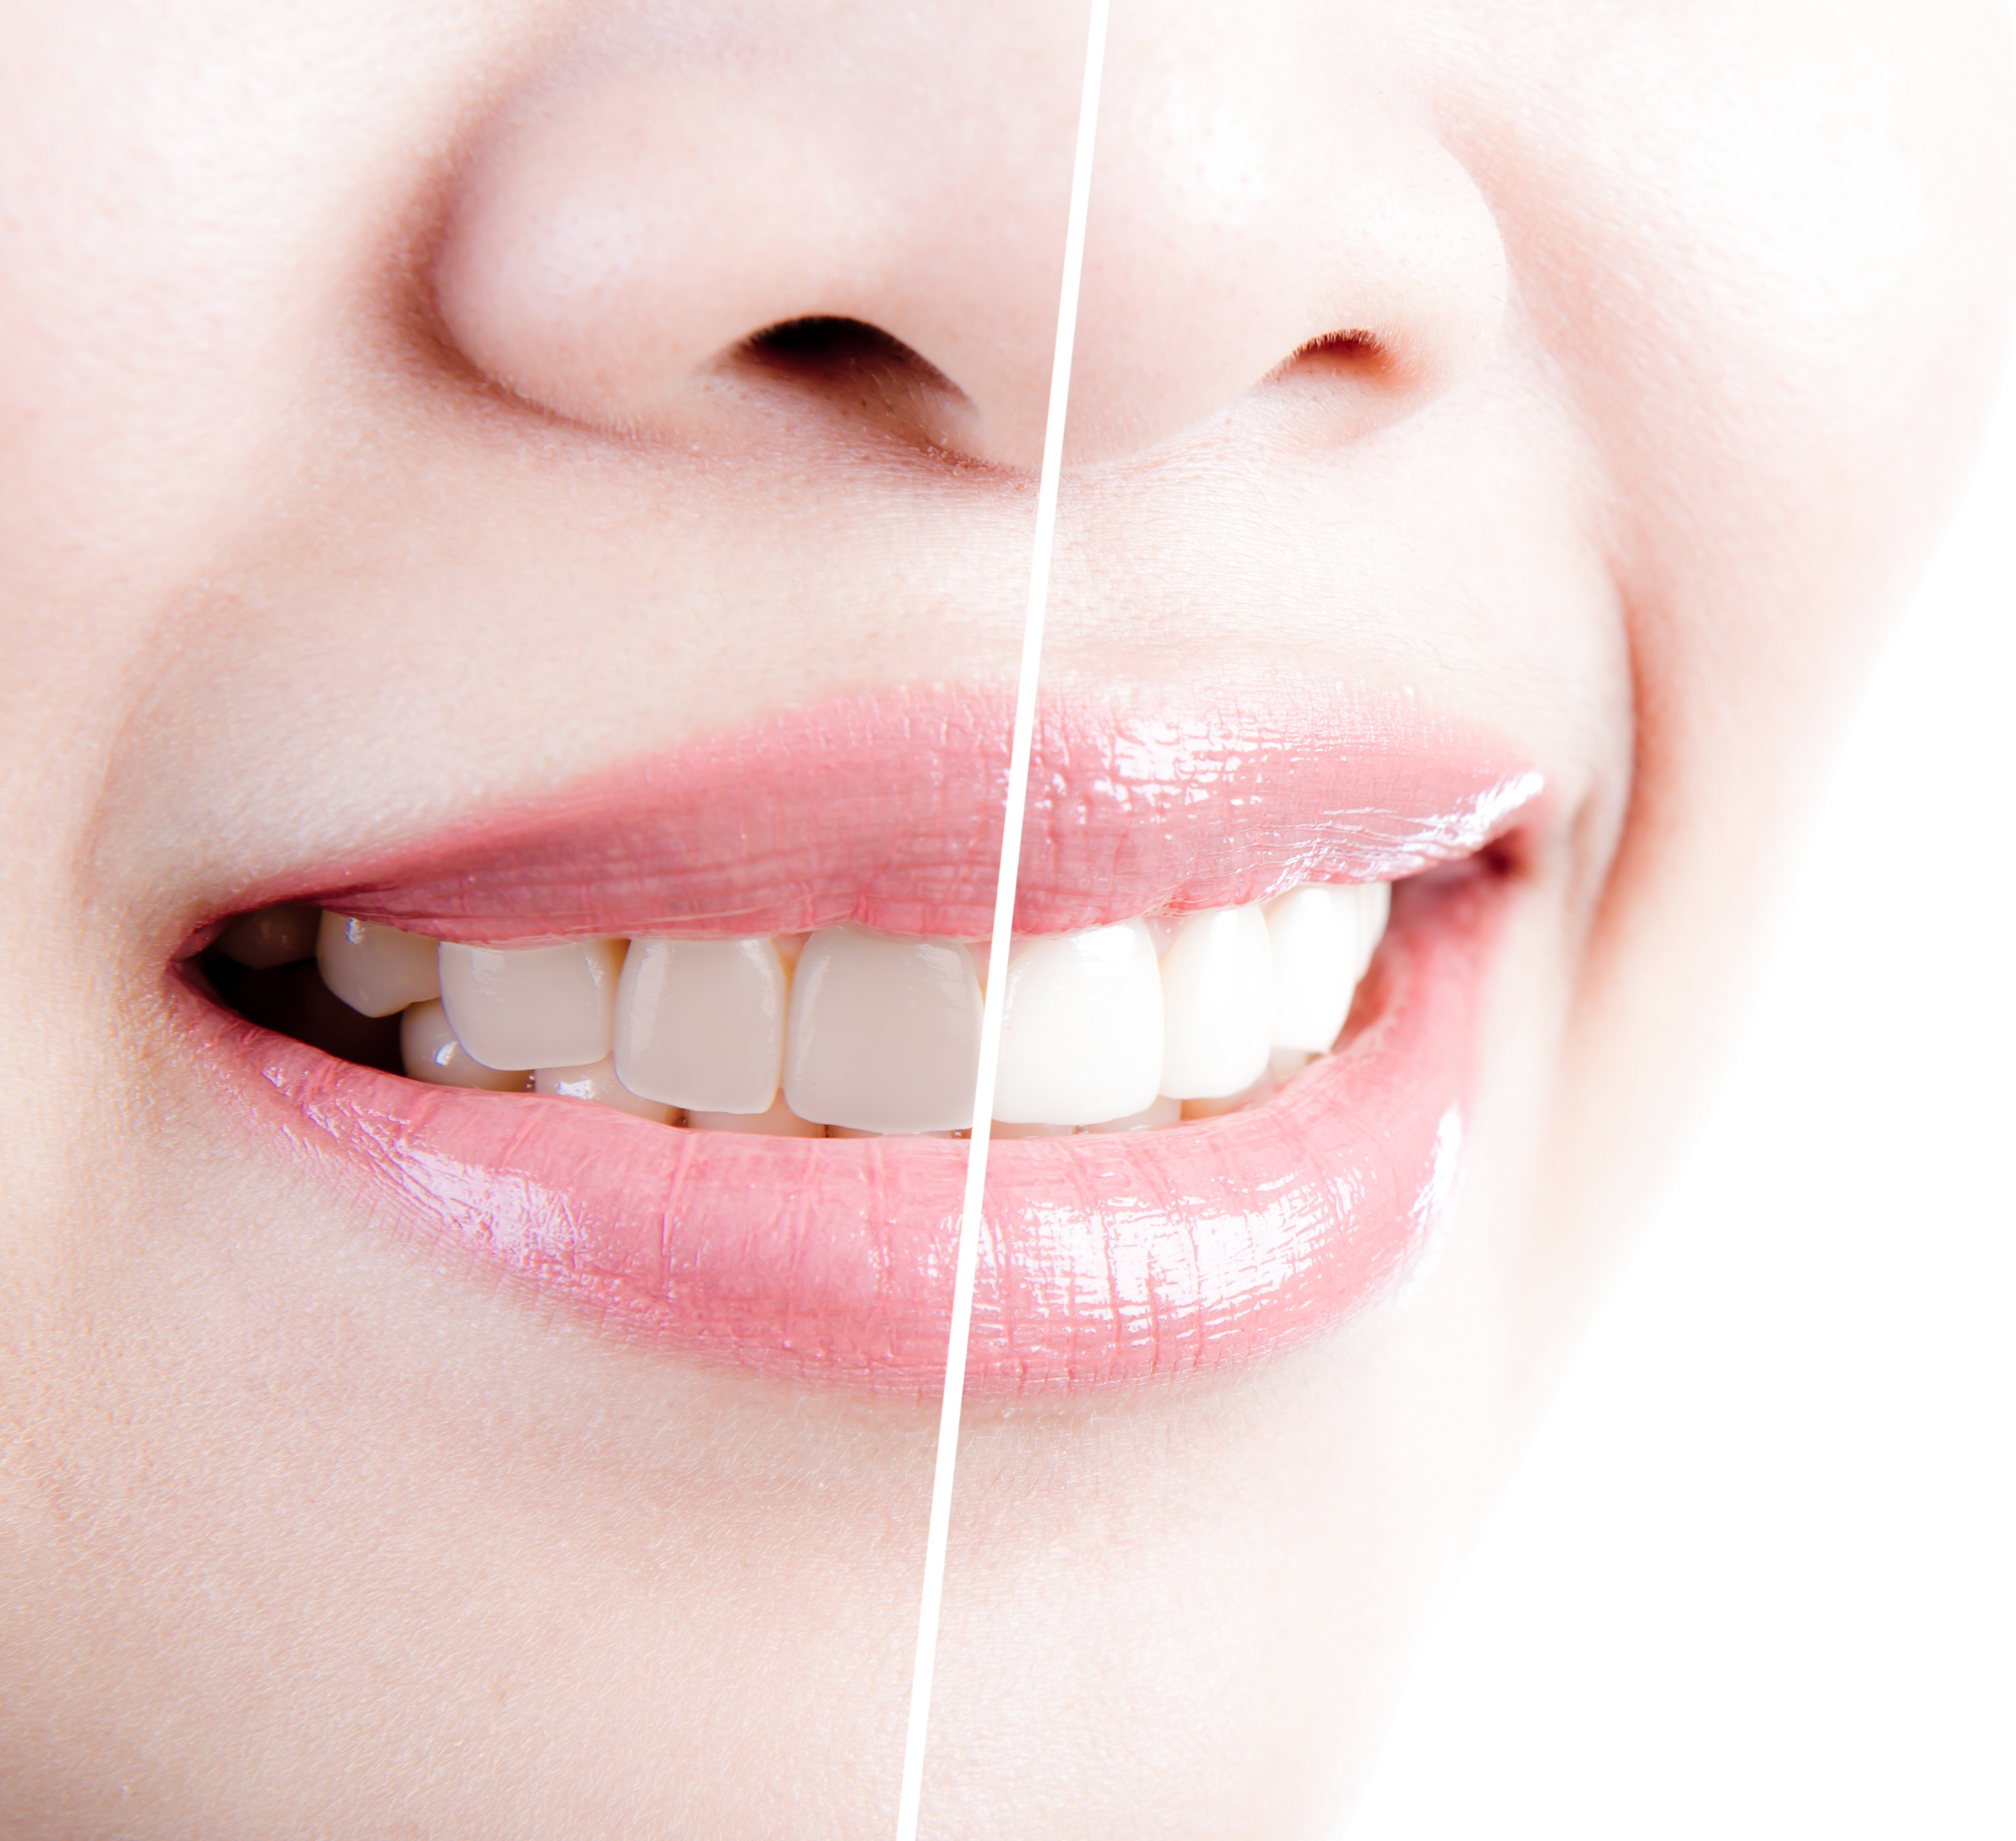 Teeth Whitening in Eastgate